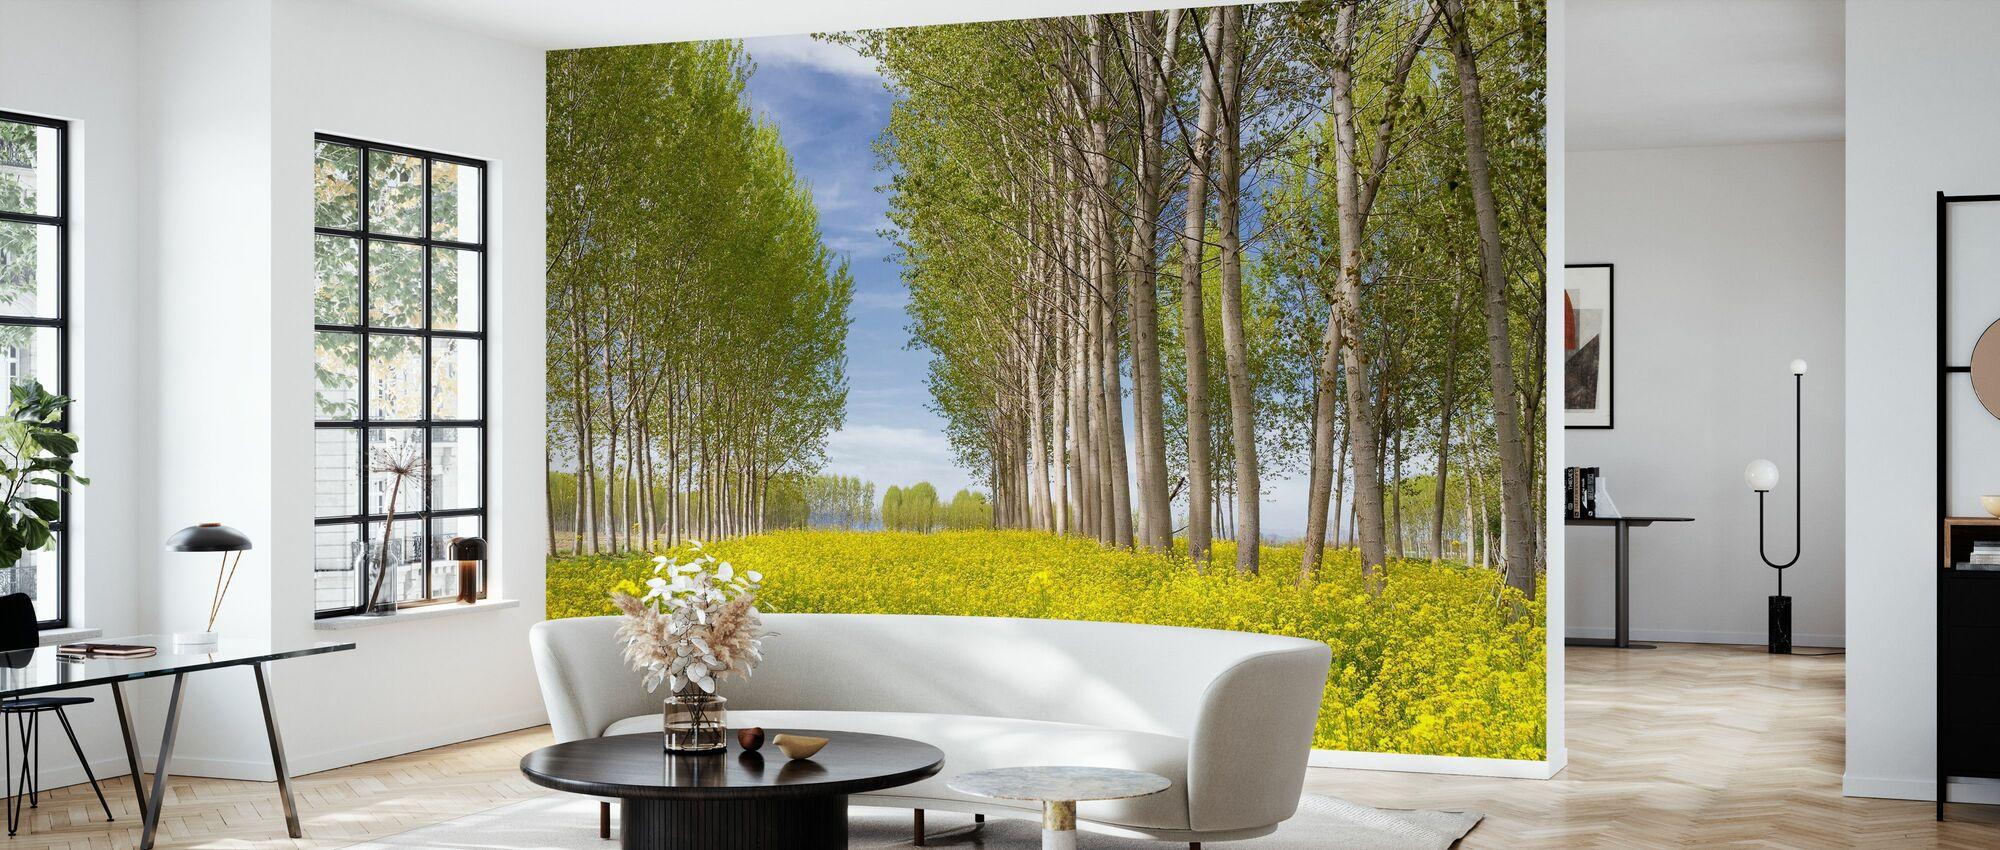 Poplars Trees in Golden Field - Wallpaper - Living Room